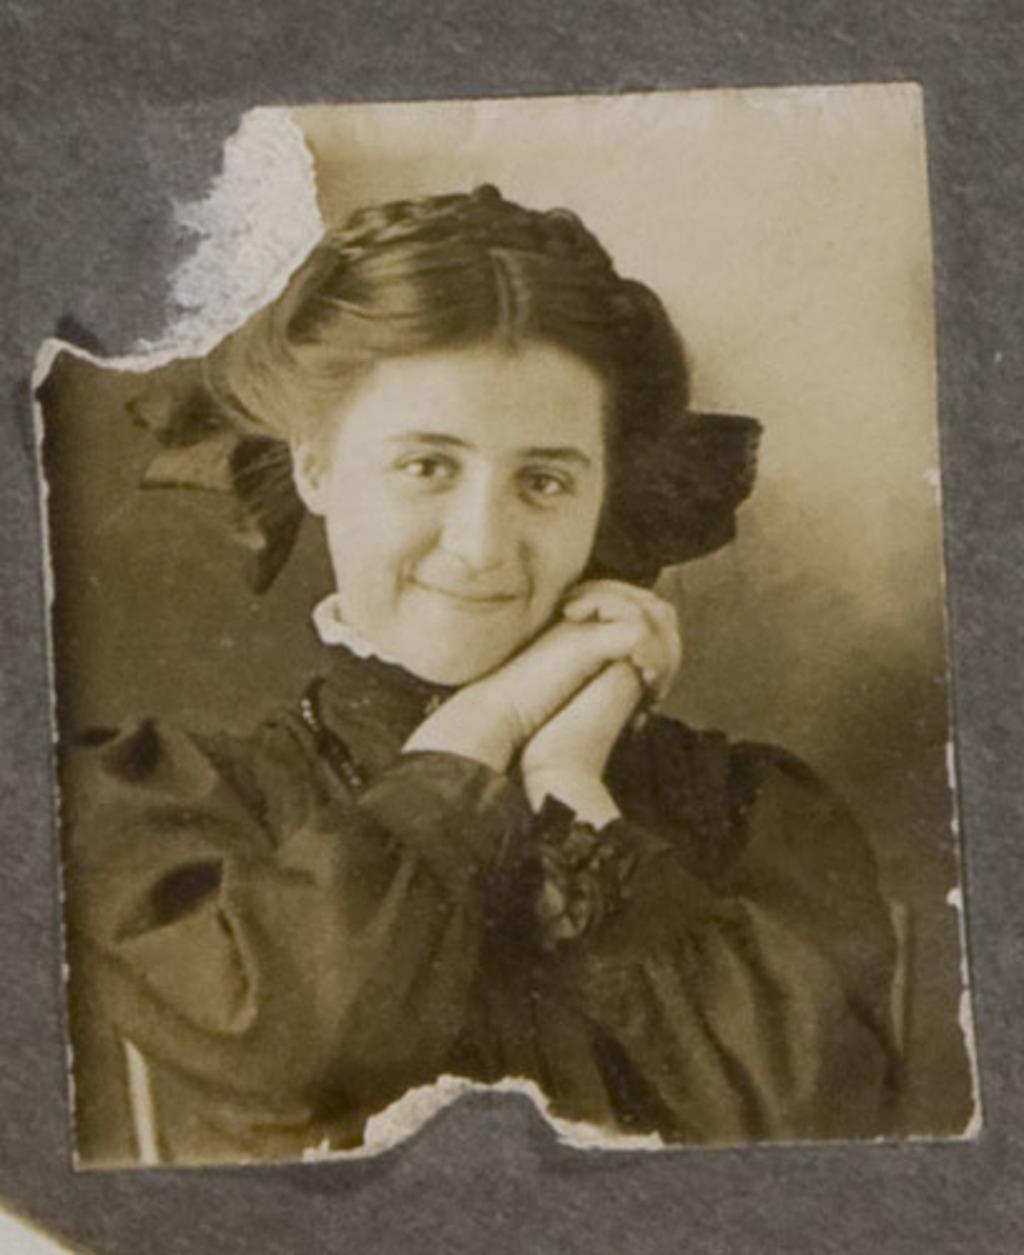 Portrait de femme, d'un album de famille amateur